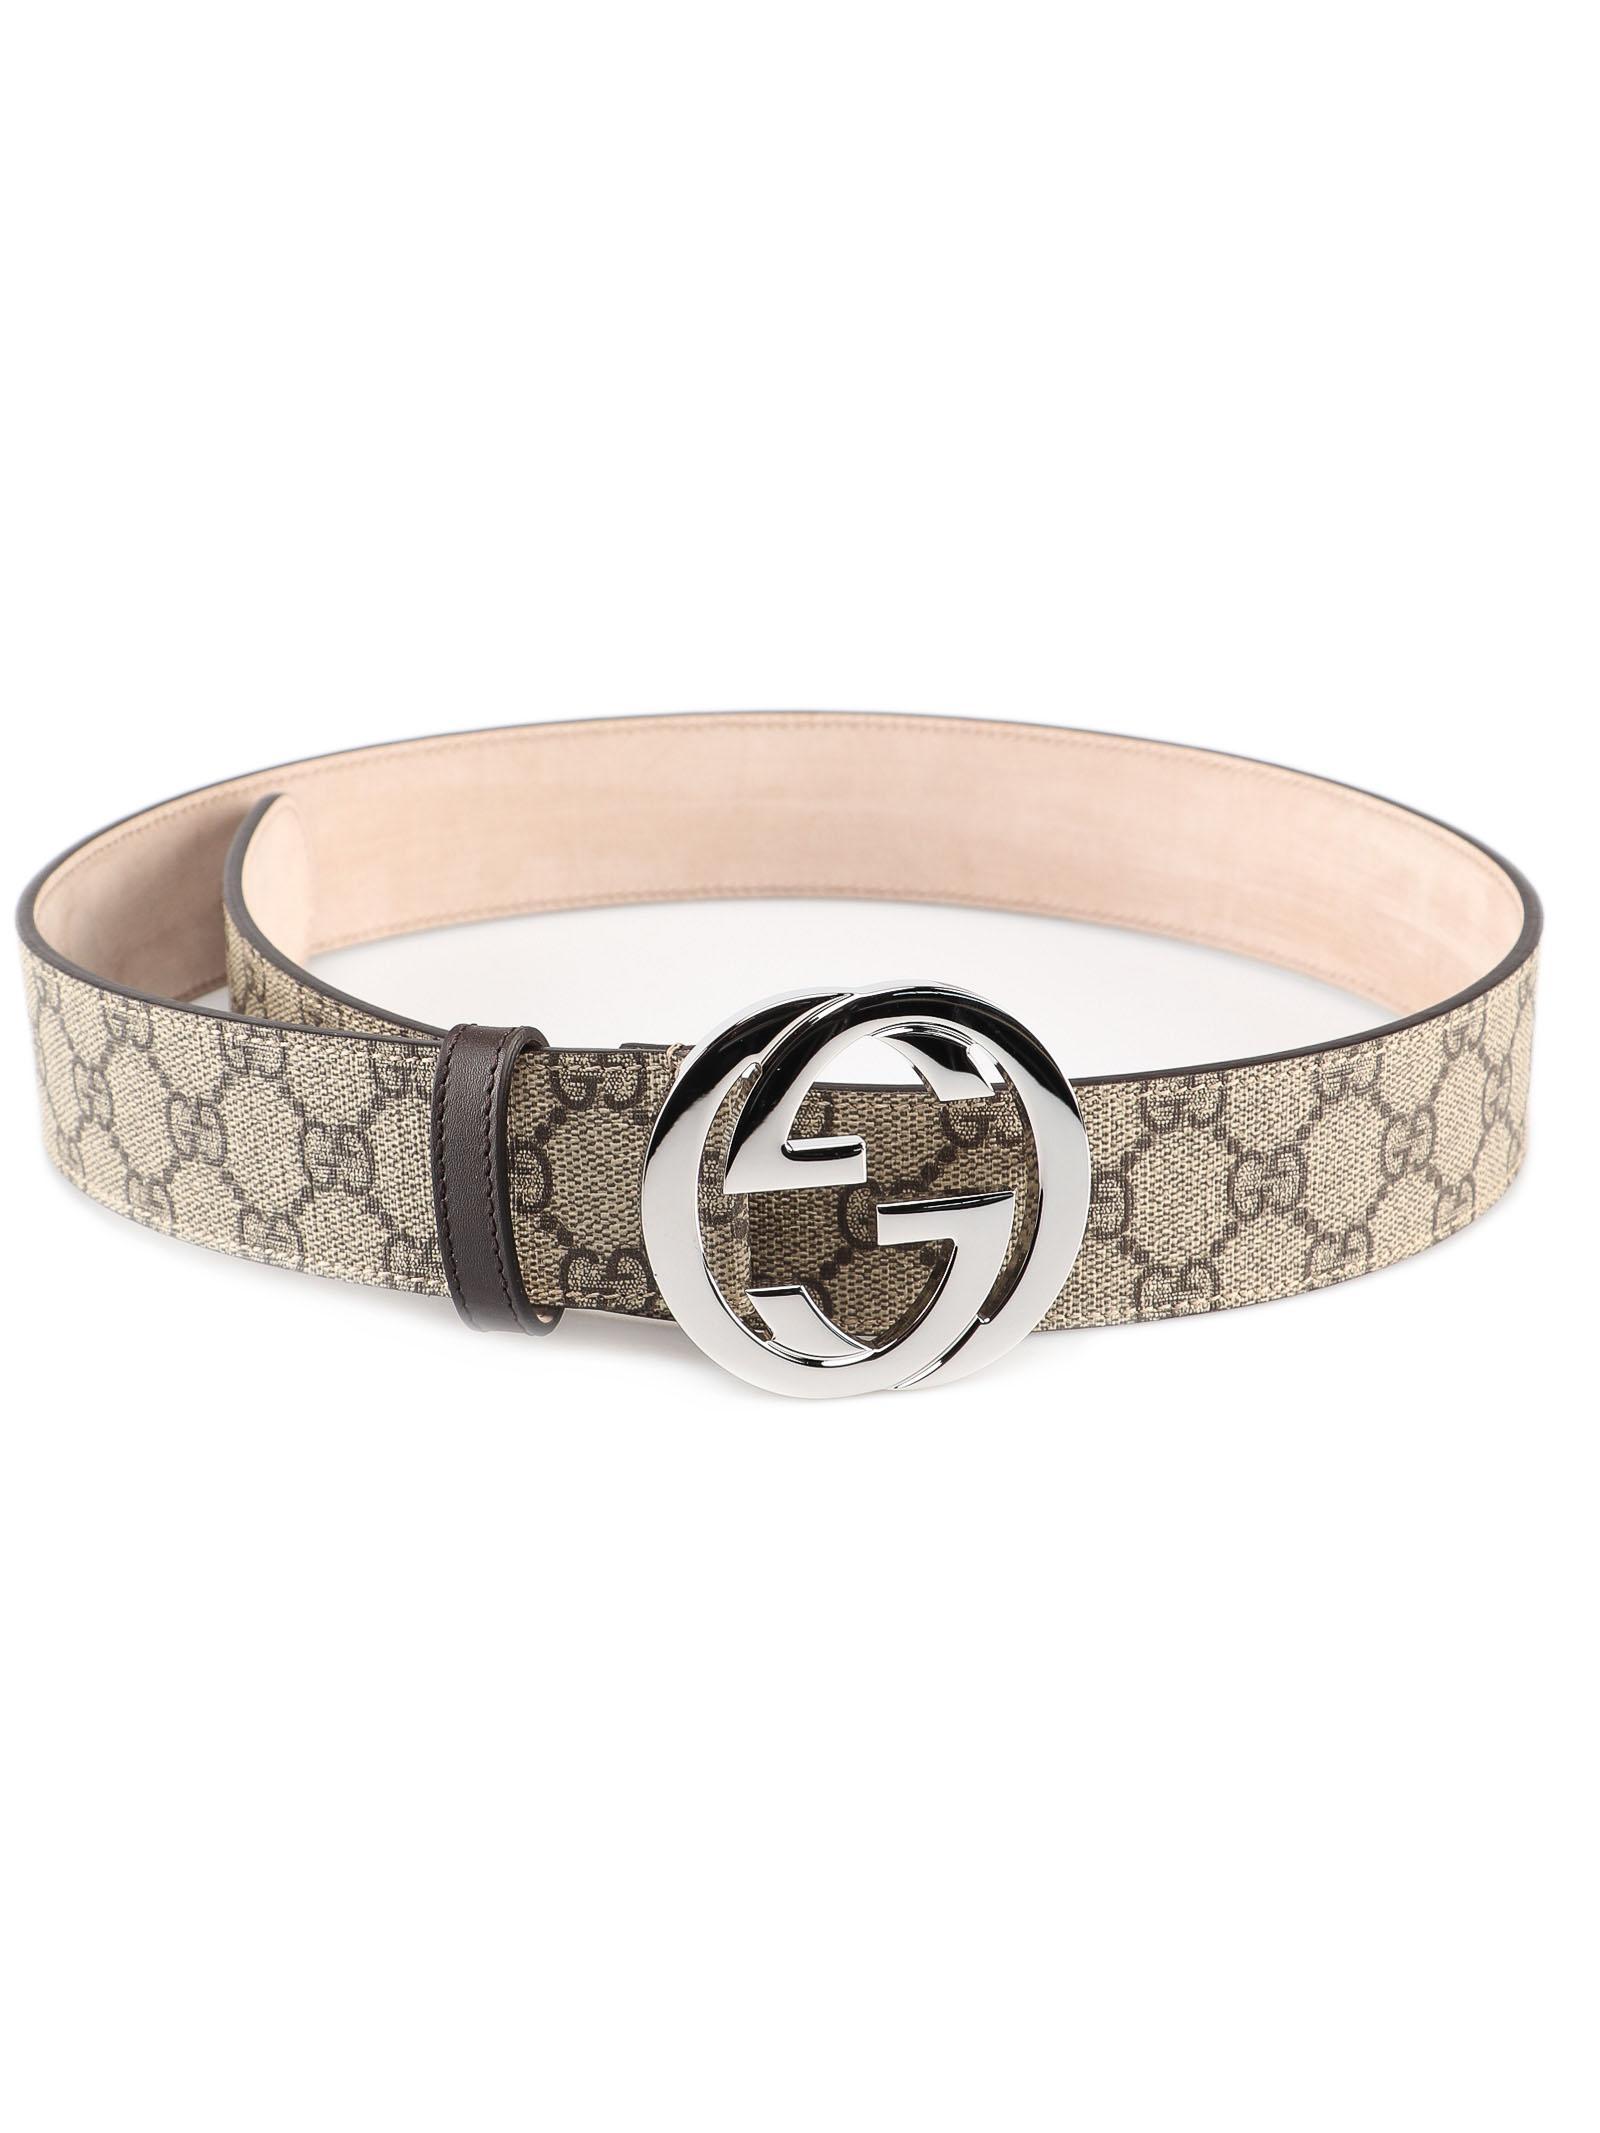 3e3b0f6e95c Gucci T.GG Supreme selleria Belt in Natural for Men - Lyst